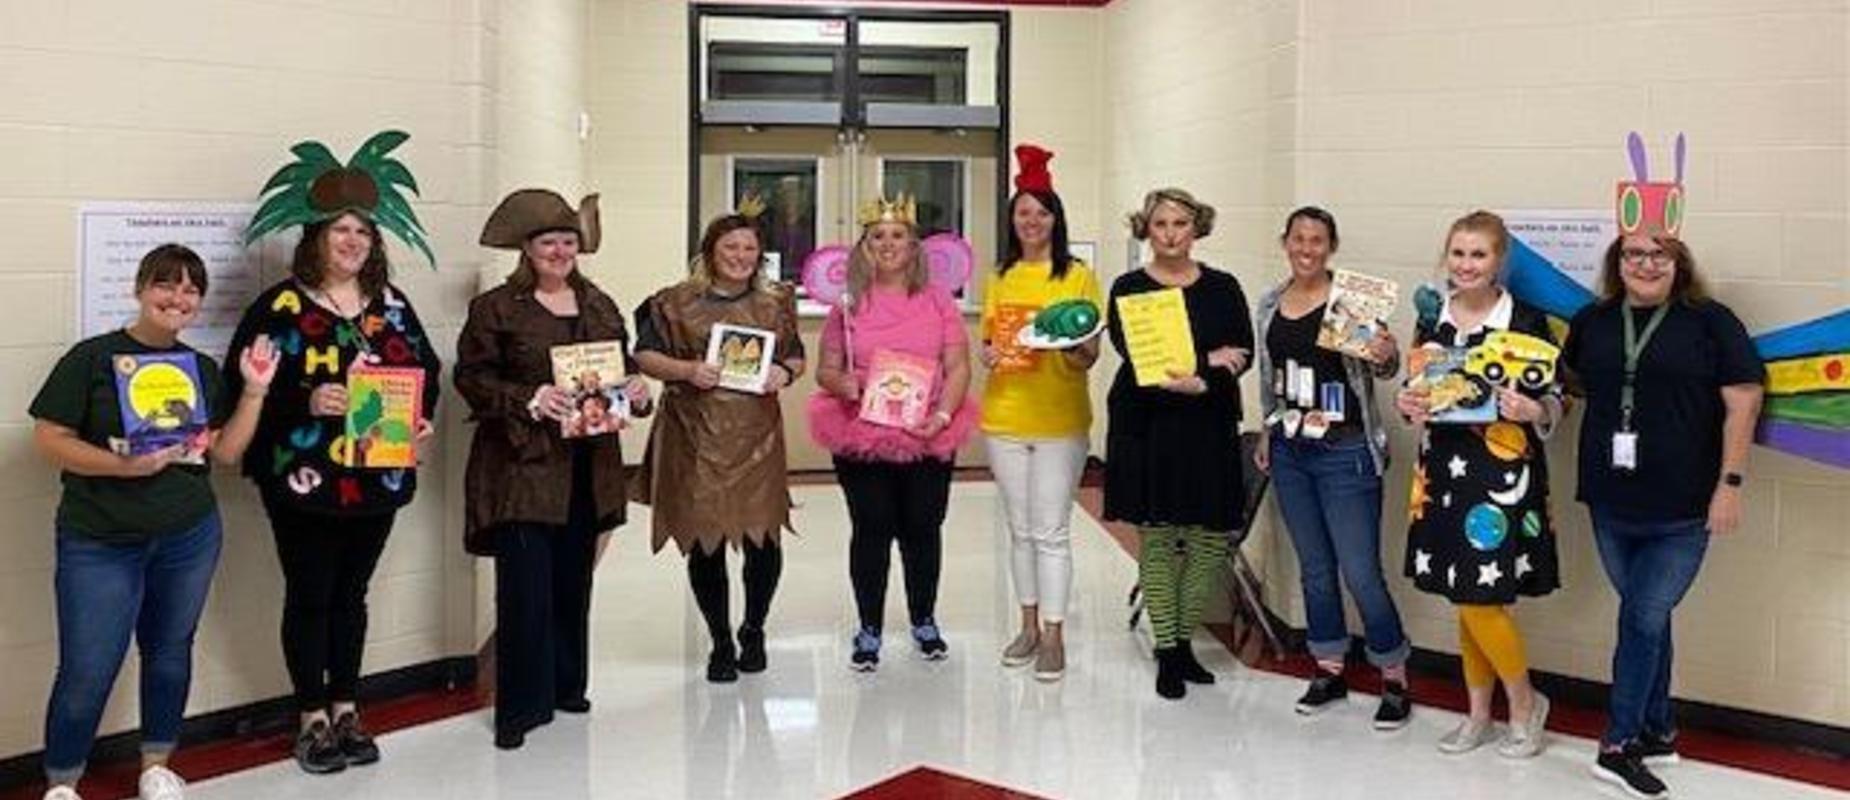 Kindergarten book character parade